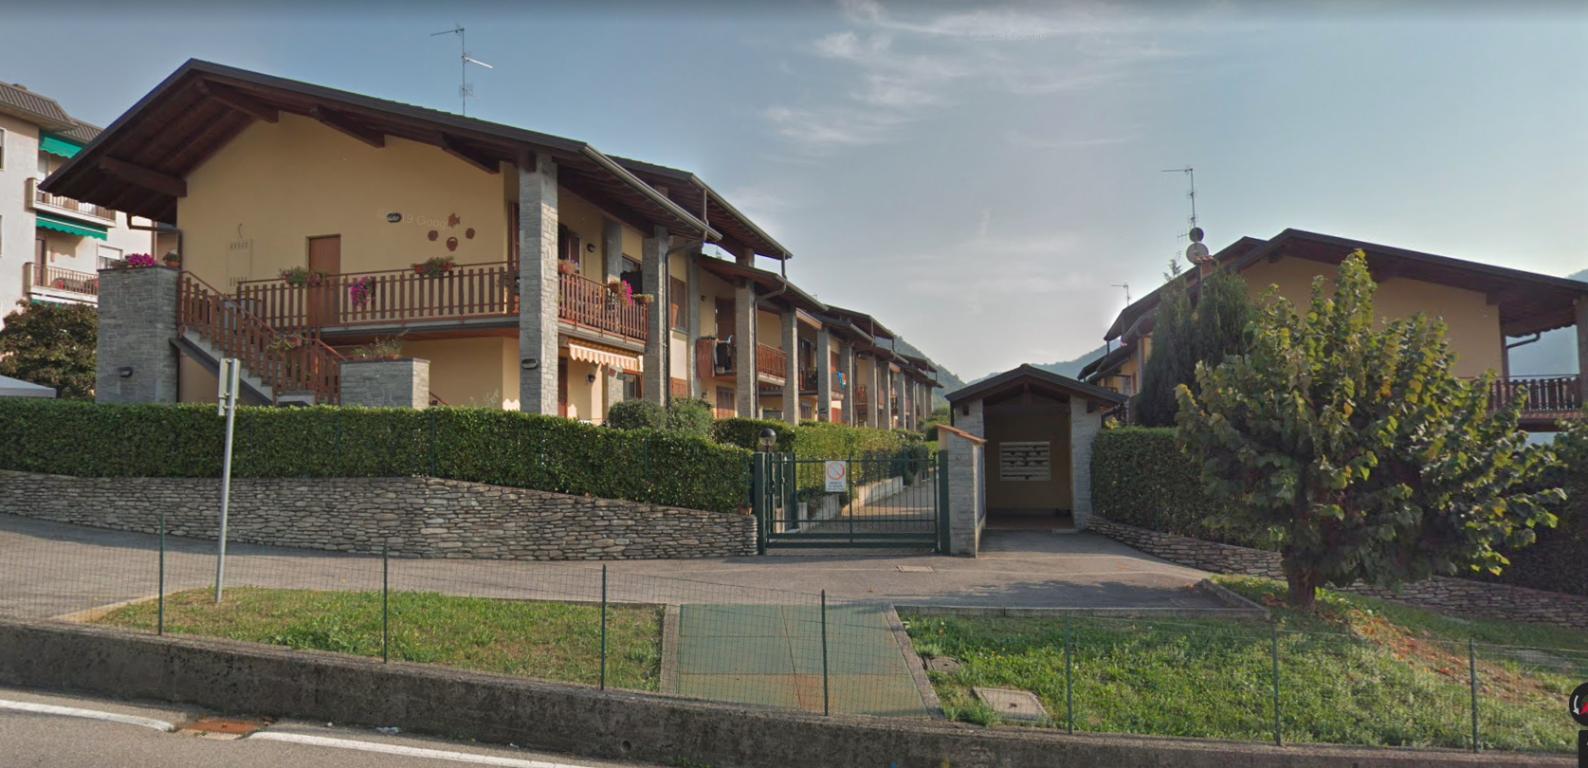 Vendita box Caprino Bergamasco superficie 41m2